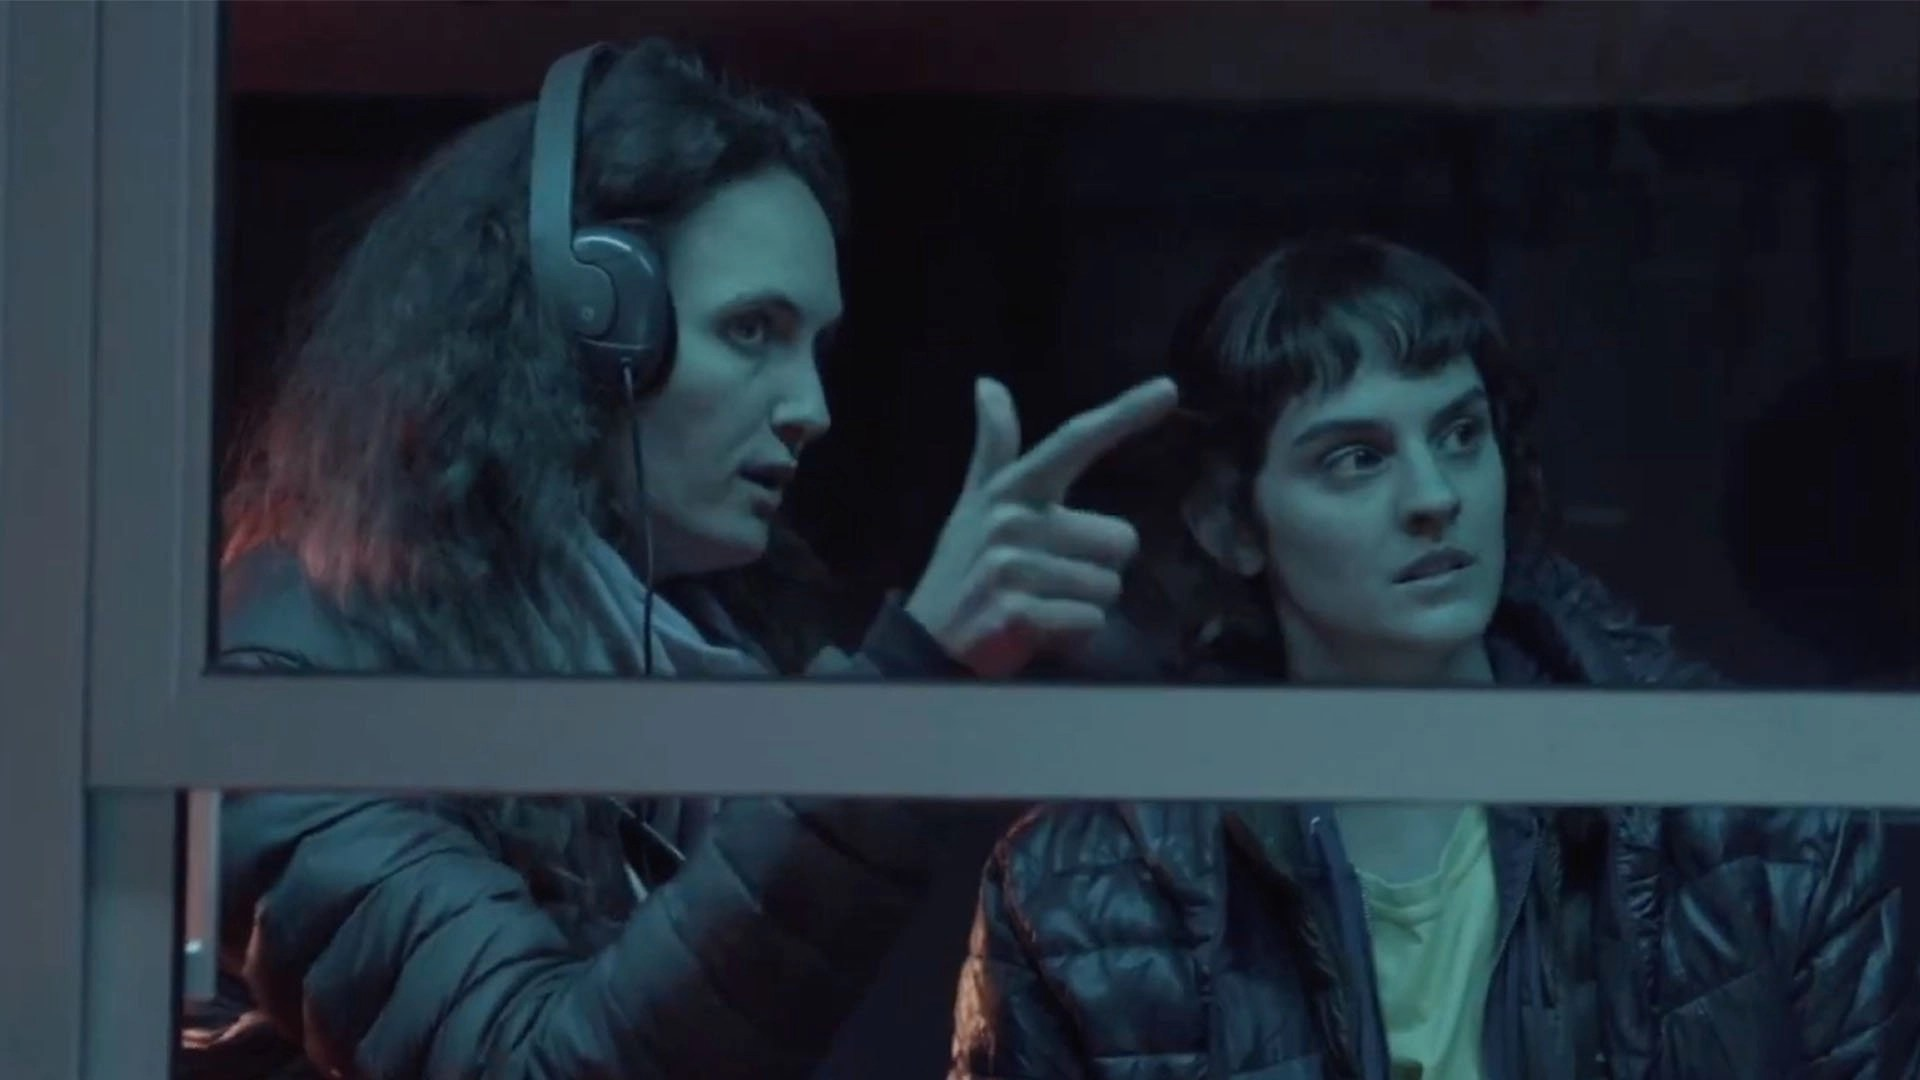 Intervista al Zoé Wittock che parla del suo film d'esordio Jumbo (2020)